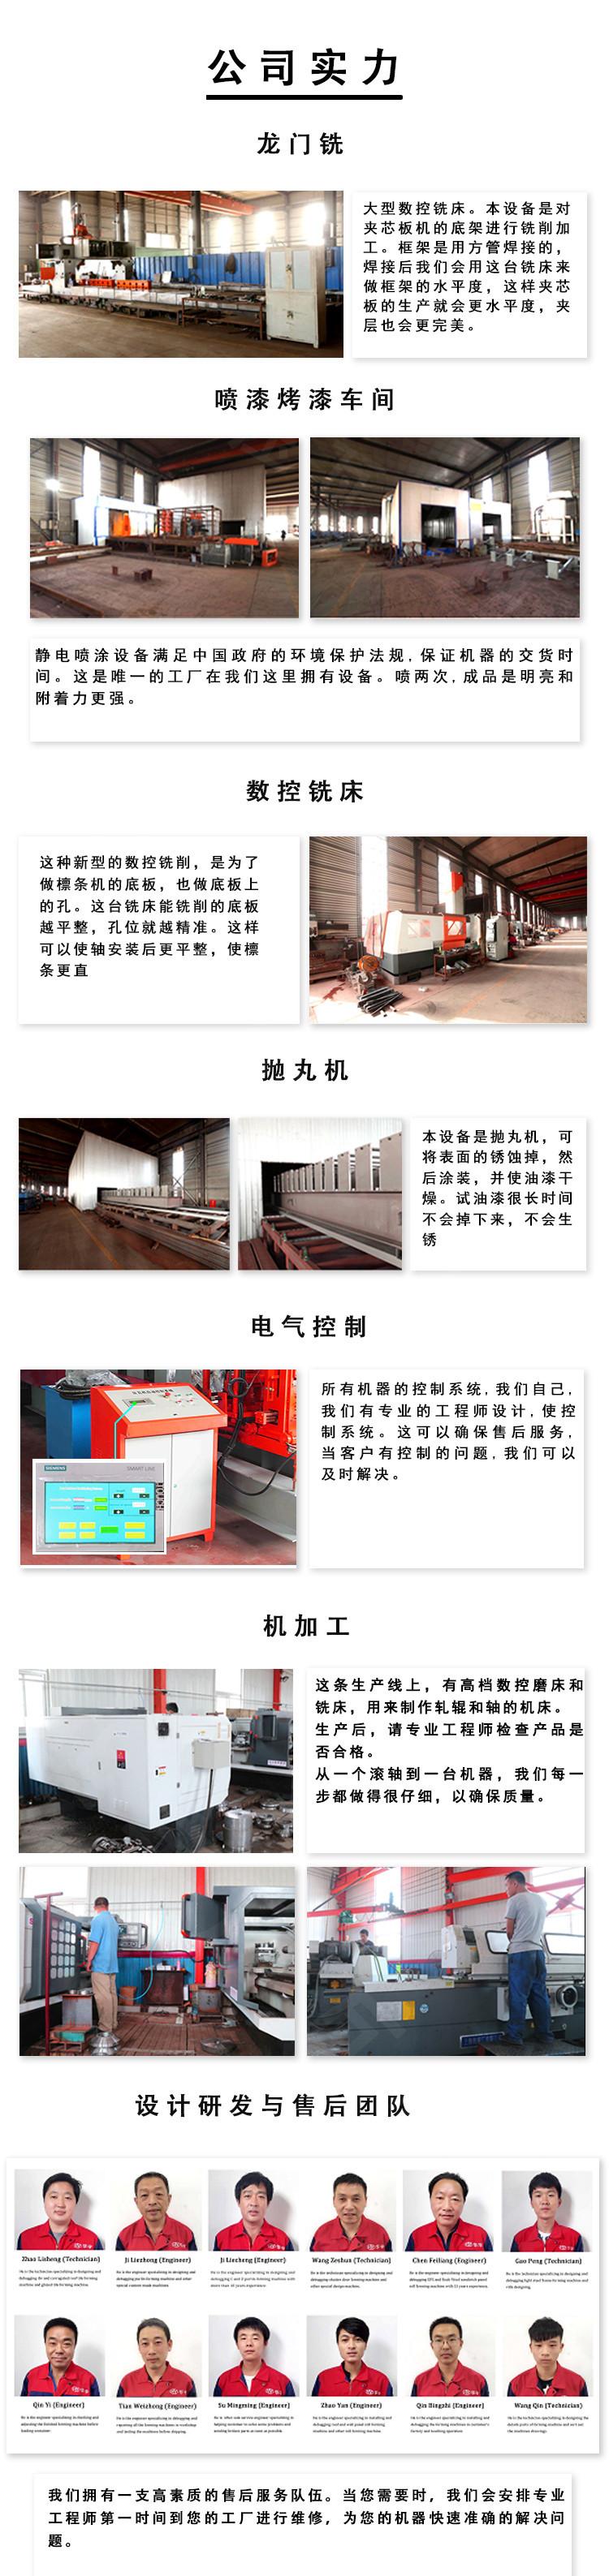 华宇楼承板机厂家 供应100/1025楼层板机 楼板成型设备 钢结构承重板成型机示例图13